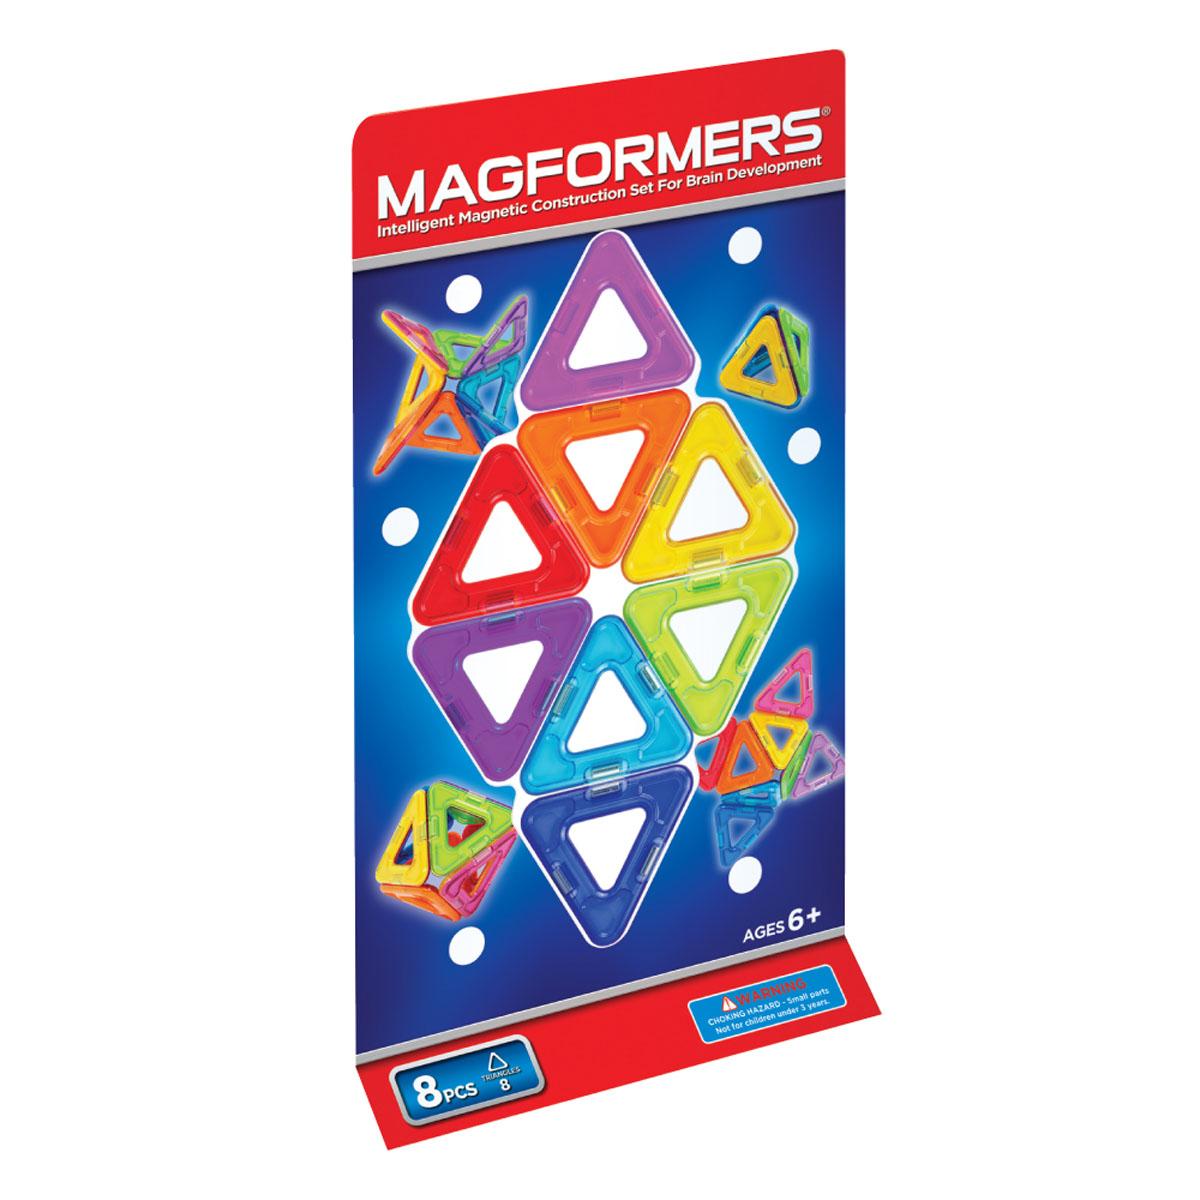 Magformers Магнитный конструктор 701002 Треугольники 8701002Magformers 8 состоит из восьми треугольников. Он познакомит ребенка с простейшими геометрическими фигурами, в том числе и трехмерными, и даст начальное представление о мире магнетизма. Треугольники являются разноцветными, что может помочь родителям в игровой форме обучить ребенка различать цвета. При этом все треугольники не имеют острых углов, мелких деталей, магниты прочно закреплены внутри пластика, поэтому данный набор можно рекомендовать детям от 1 года. Magformers 8 часто покупают как дополнение к уже имеющимся наборам.